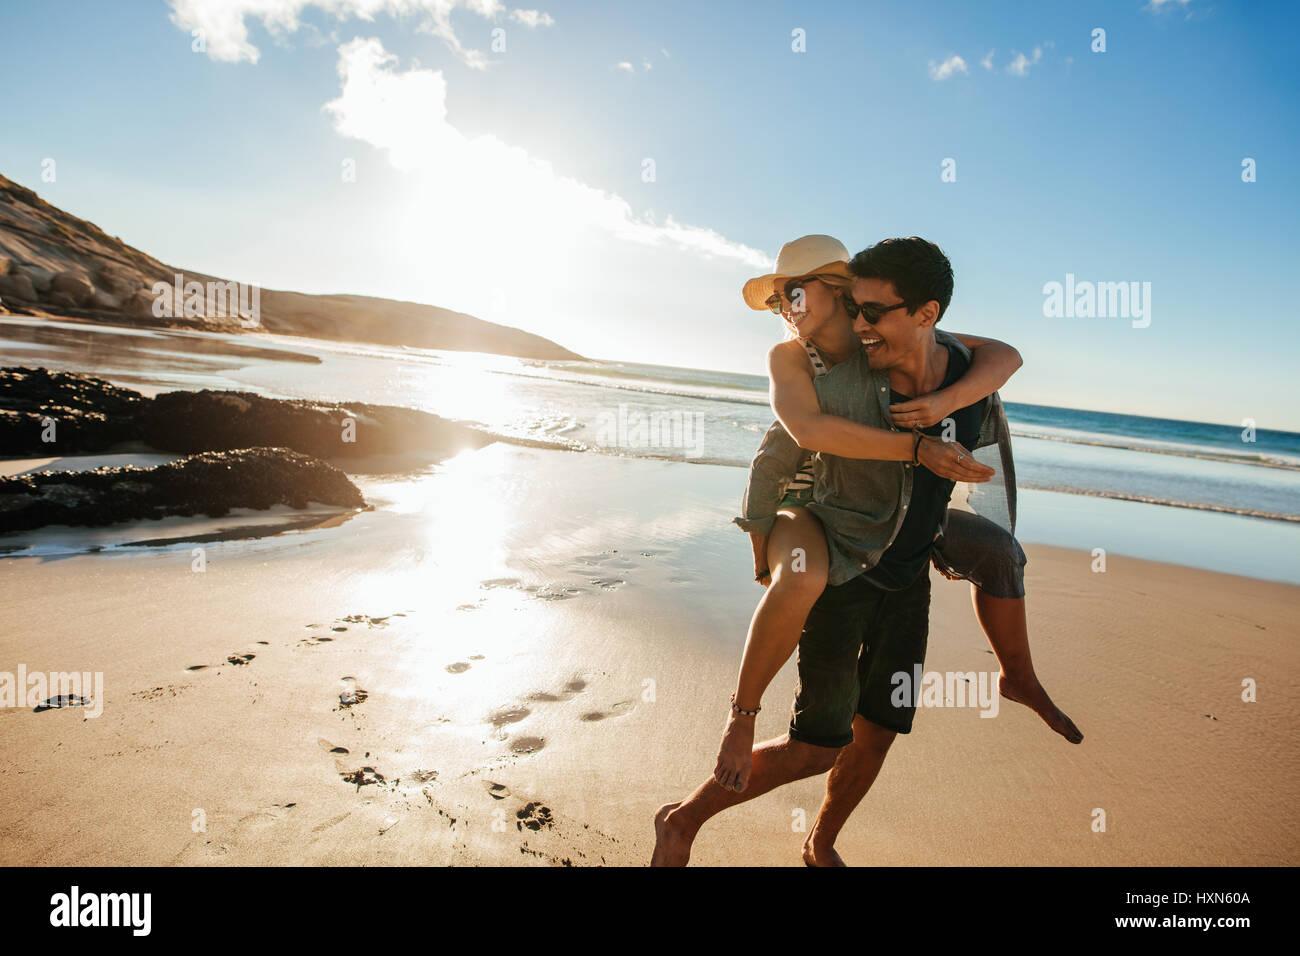 Romántica pareja joven disfrutando de sus vacaciones de verano. Apuesto joven dando piggyback paseo a la novia Imagen De Stock